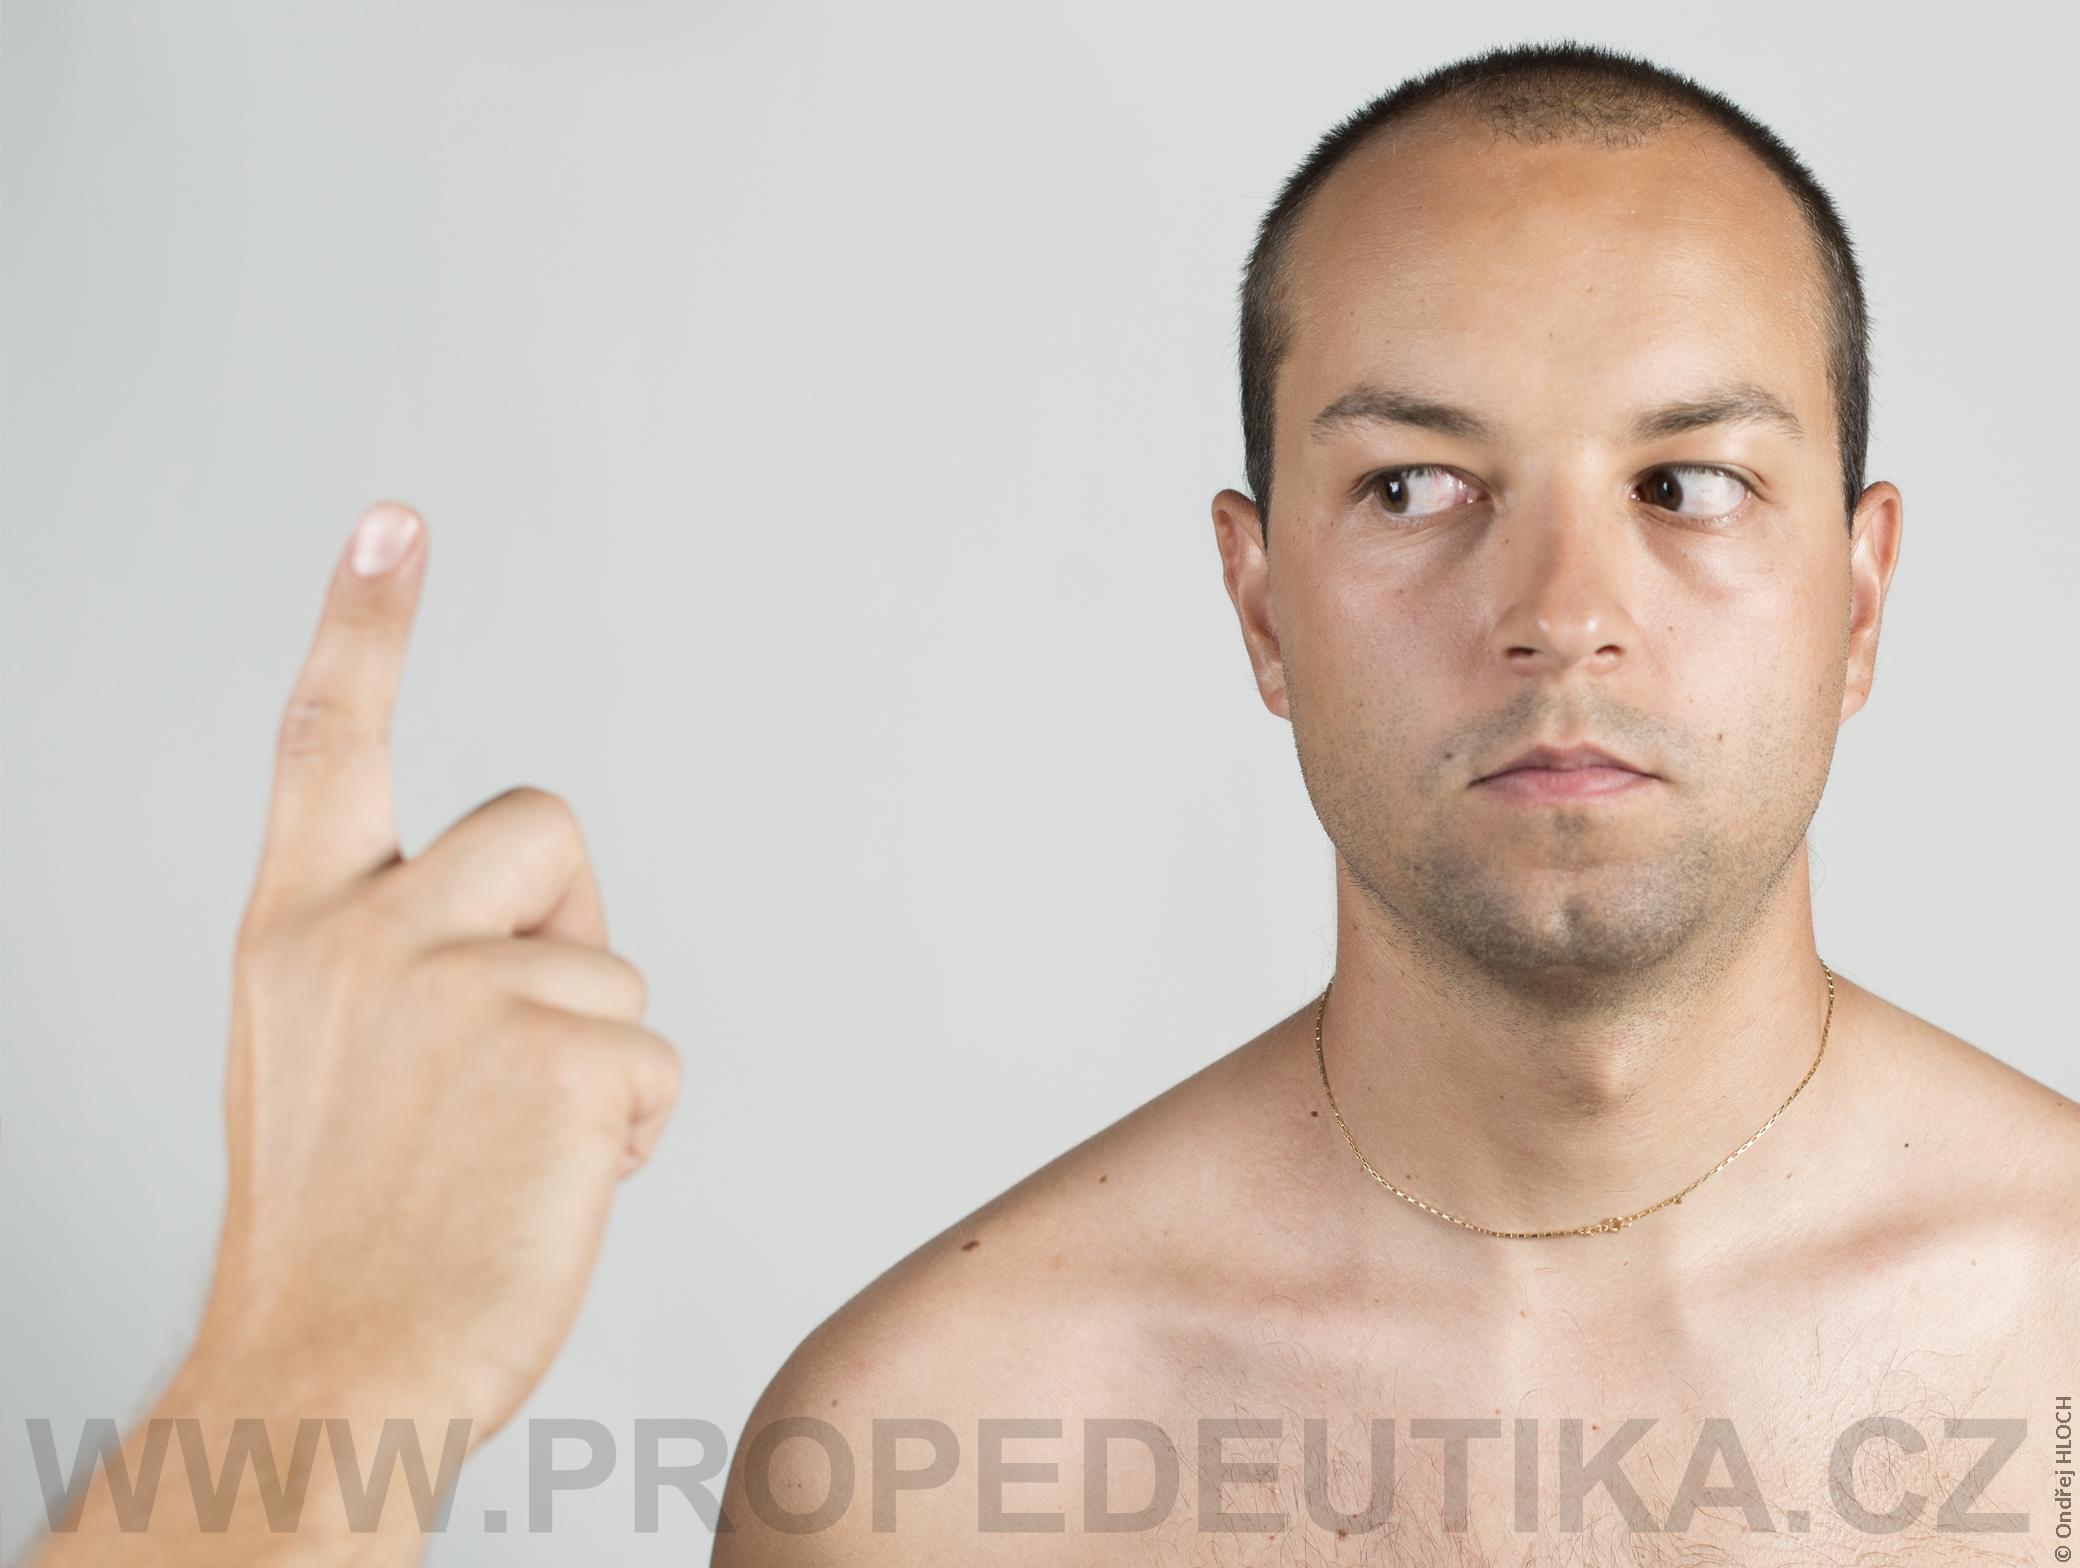 okohybne_vpravo_full